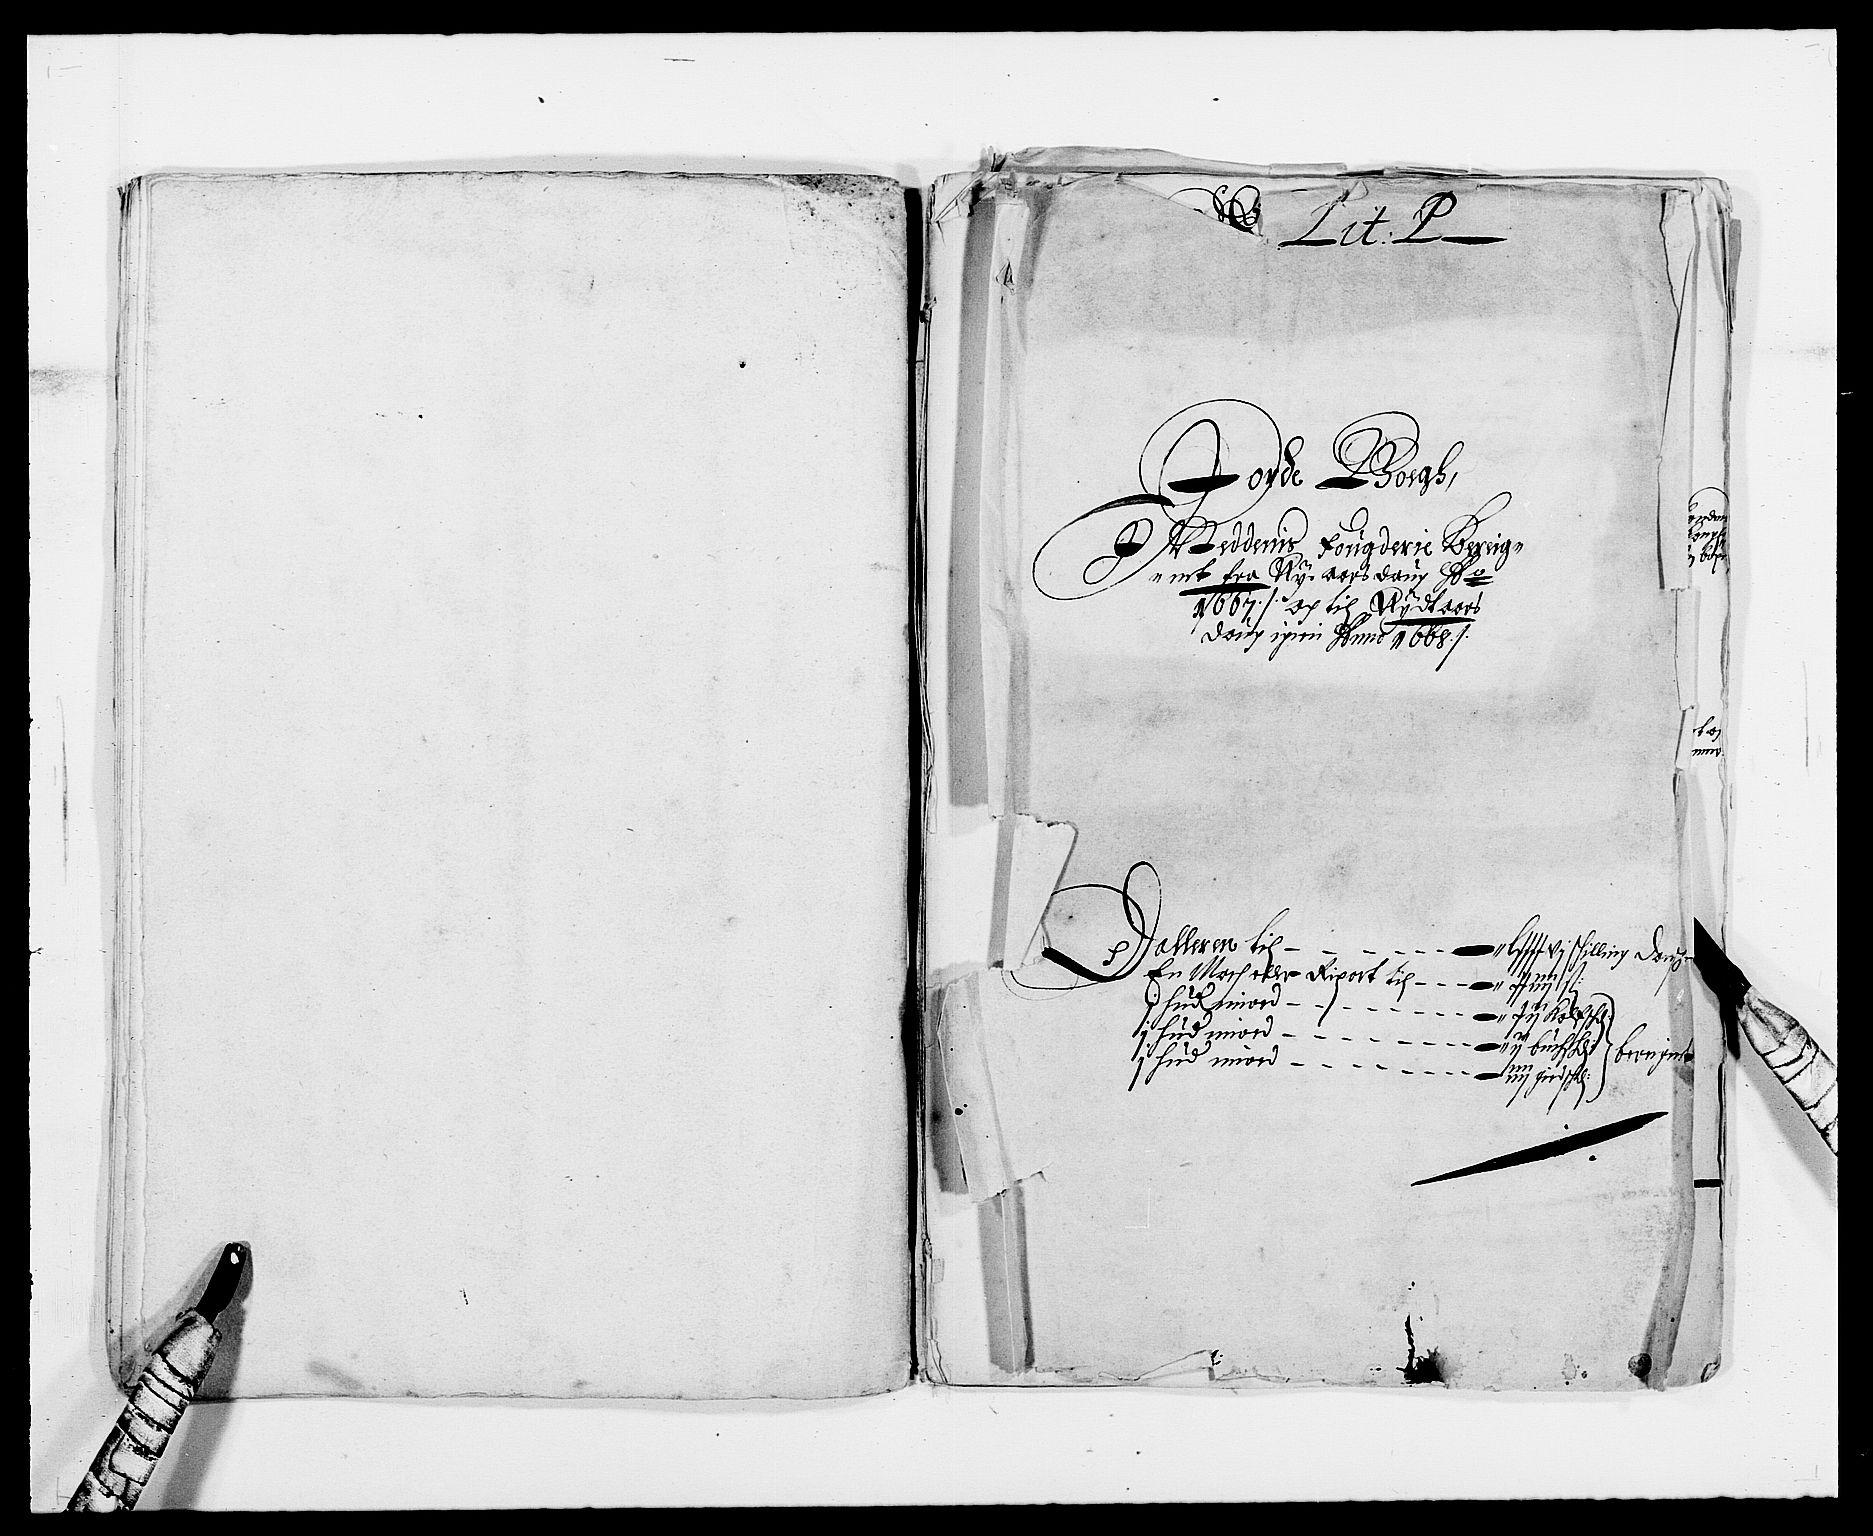 RA, Rentekammeret inntil 1814, Reviderte regnskaper, Fogderegnskap, R39/L2297: Fogderegnskap Nedenes, 1667-1669, s. 15